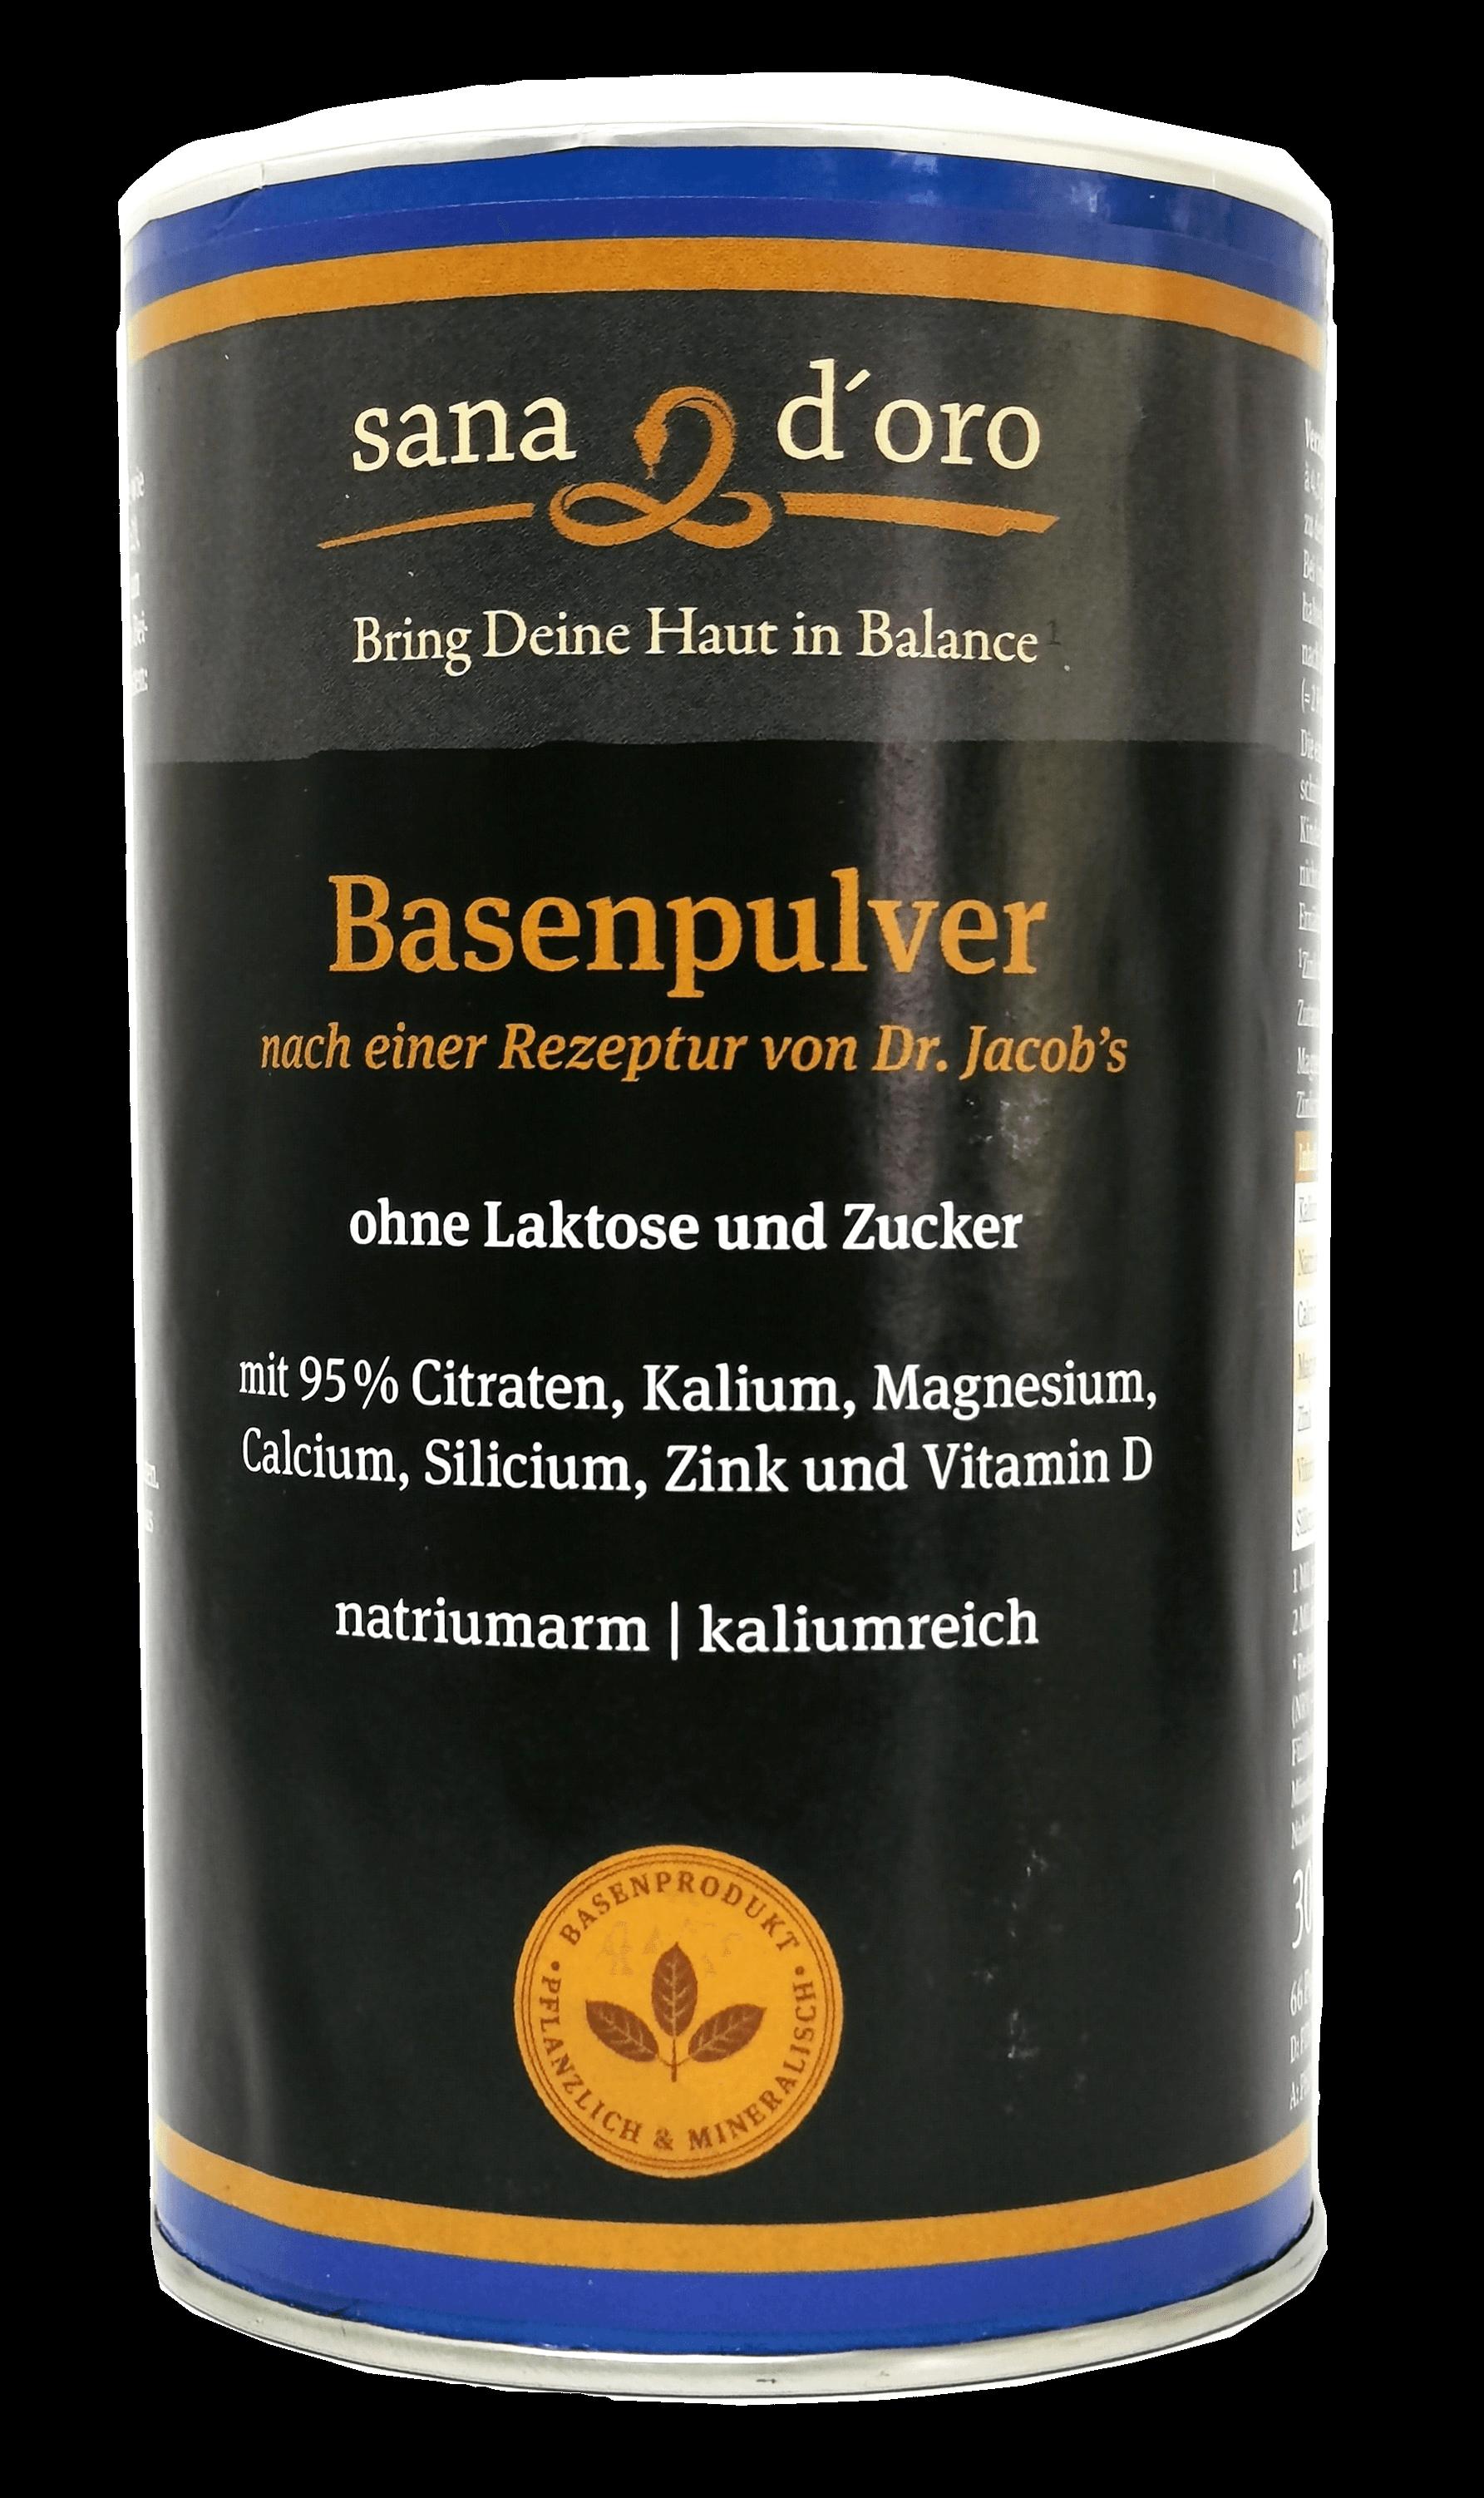 sana d'oro Basenpulver